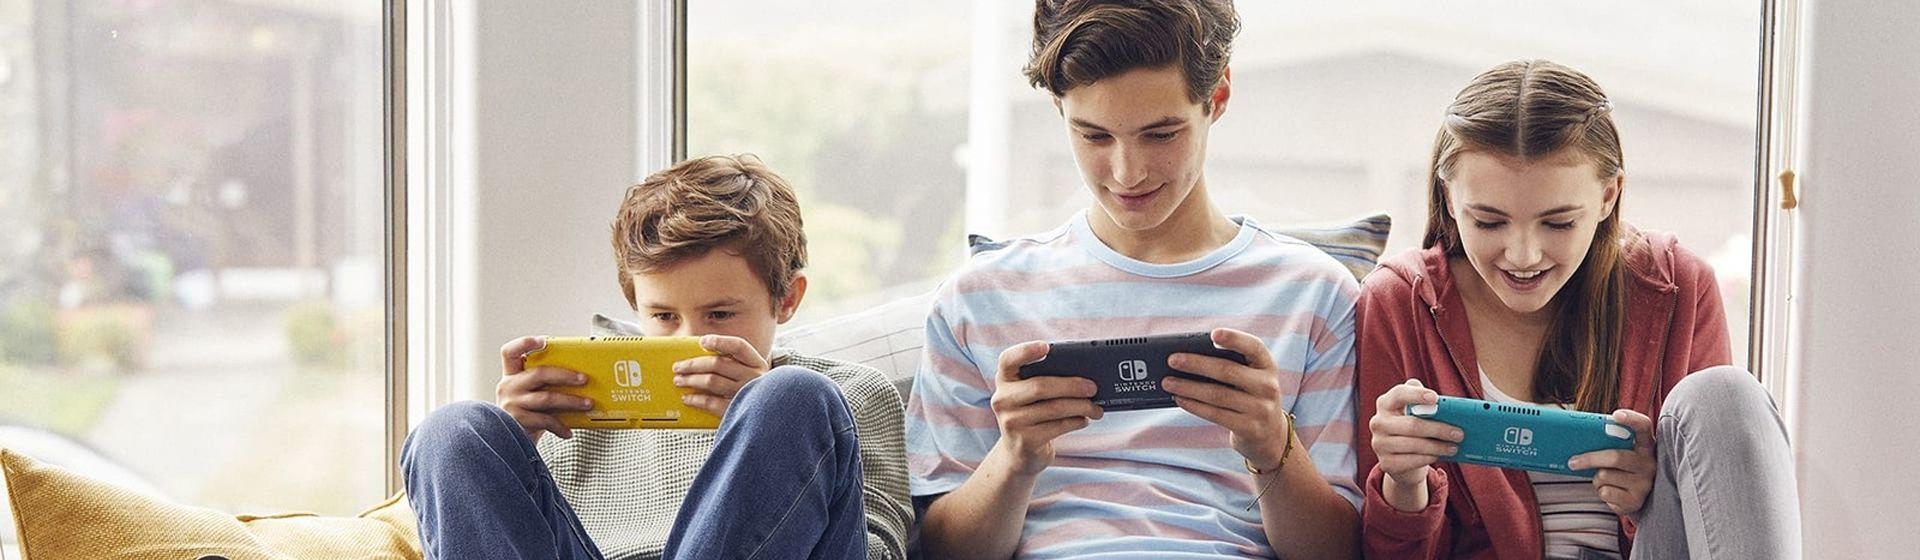 Nintendo Switch vale a pena em 2020? Analisamos preço, jogos e edições